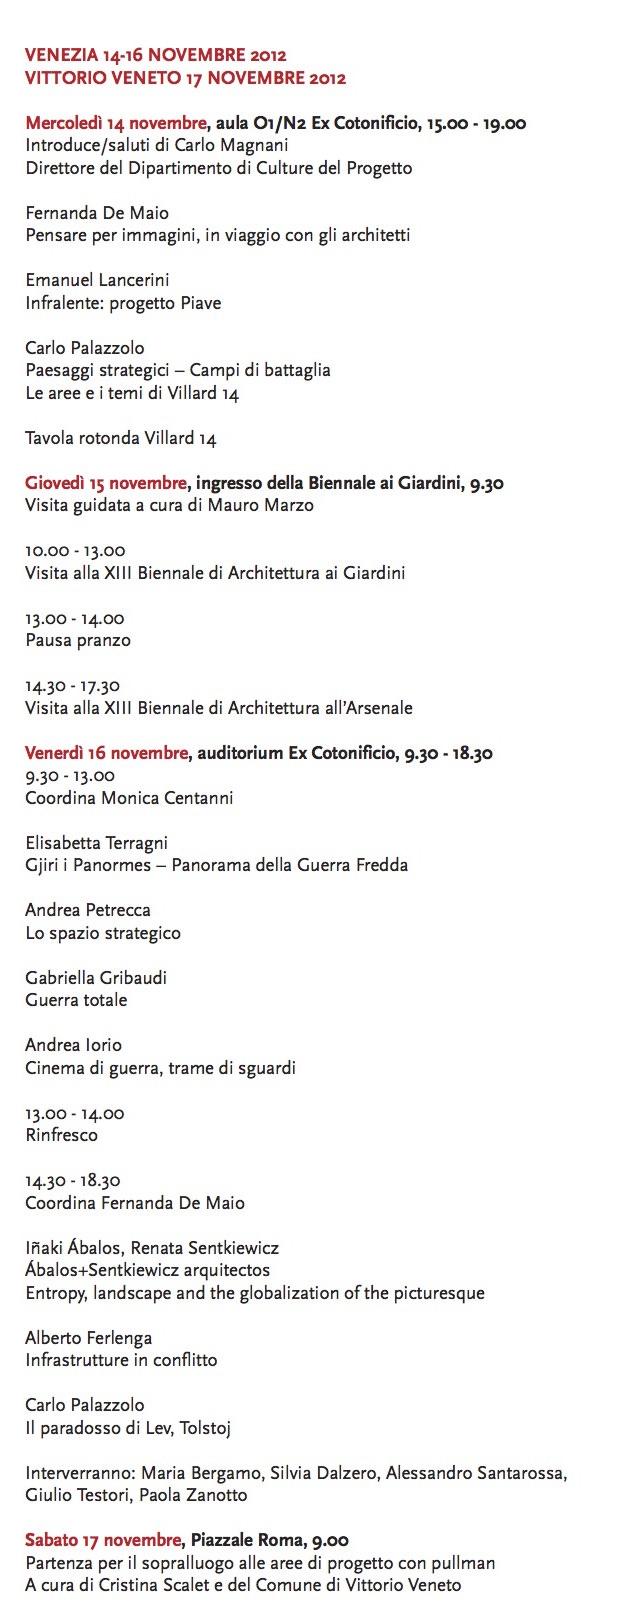 Villard14 Venezia